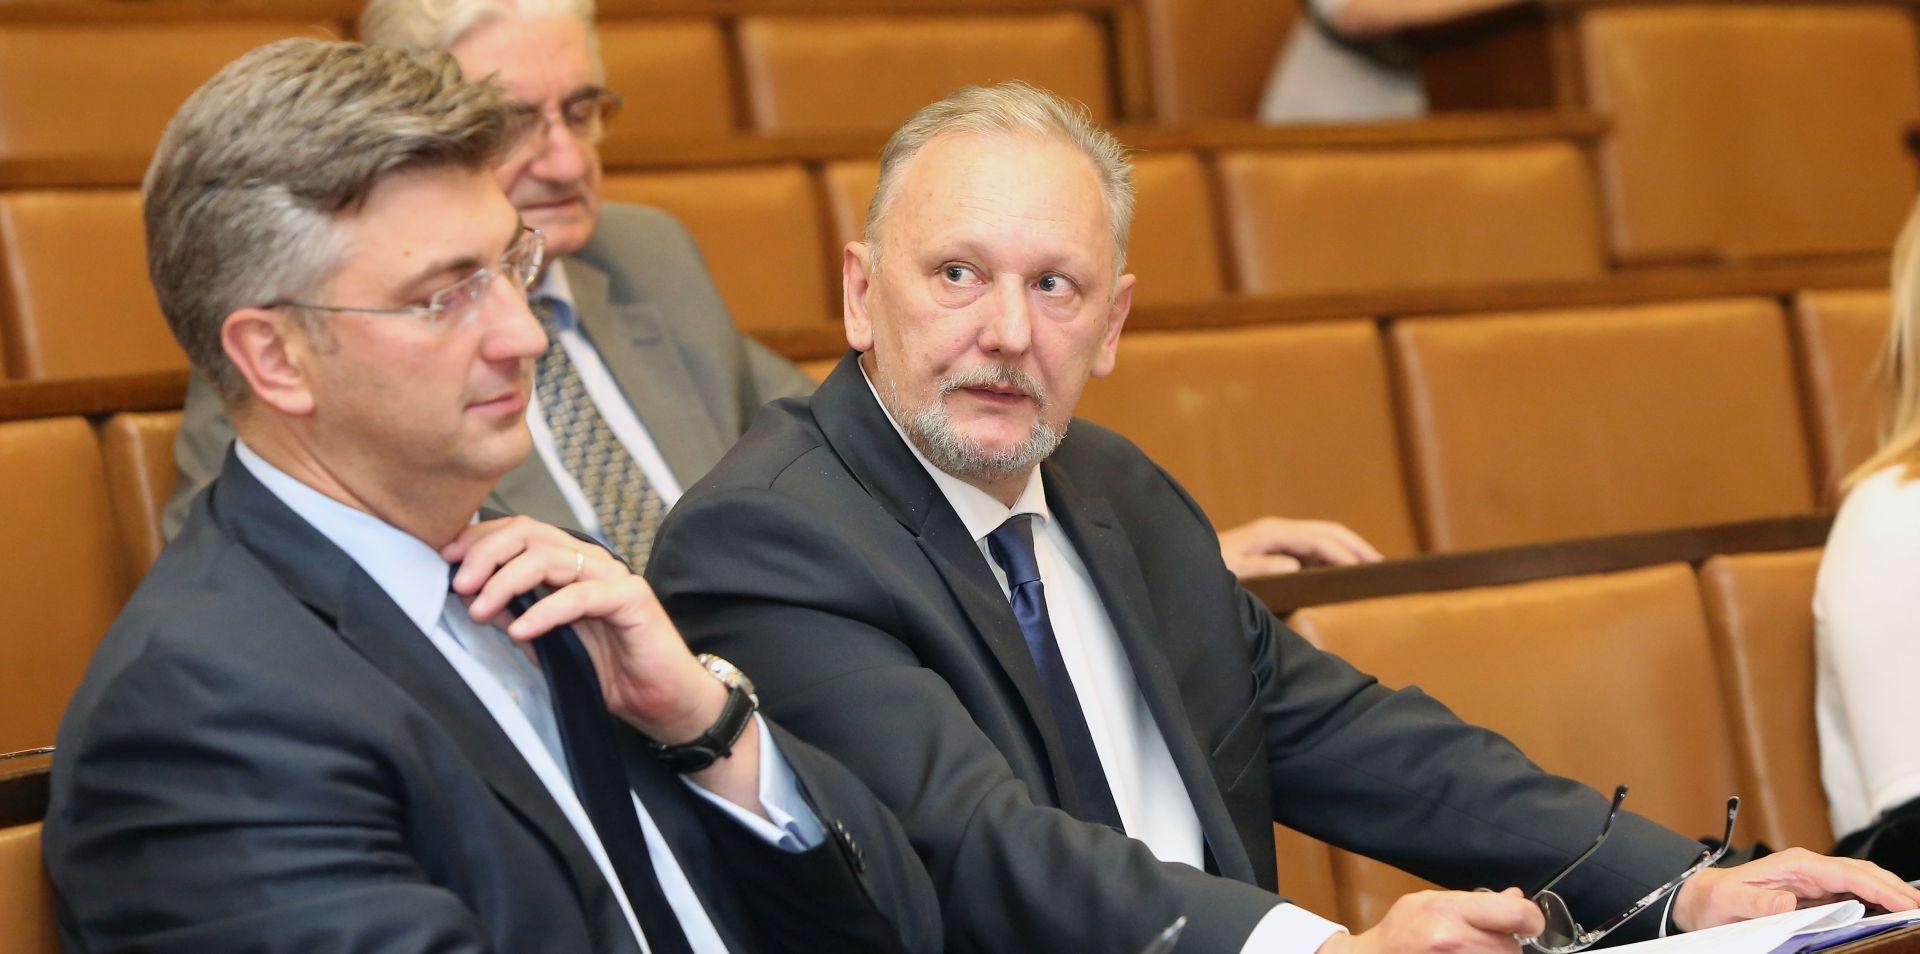 MINISTAR BOŽINOVIĆ 'Policija u slučaju Kostelić postupila po pravilima struke'